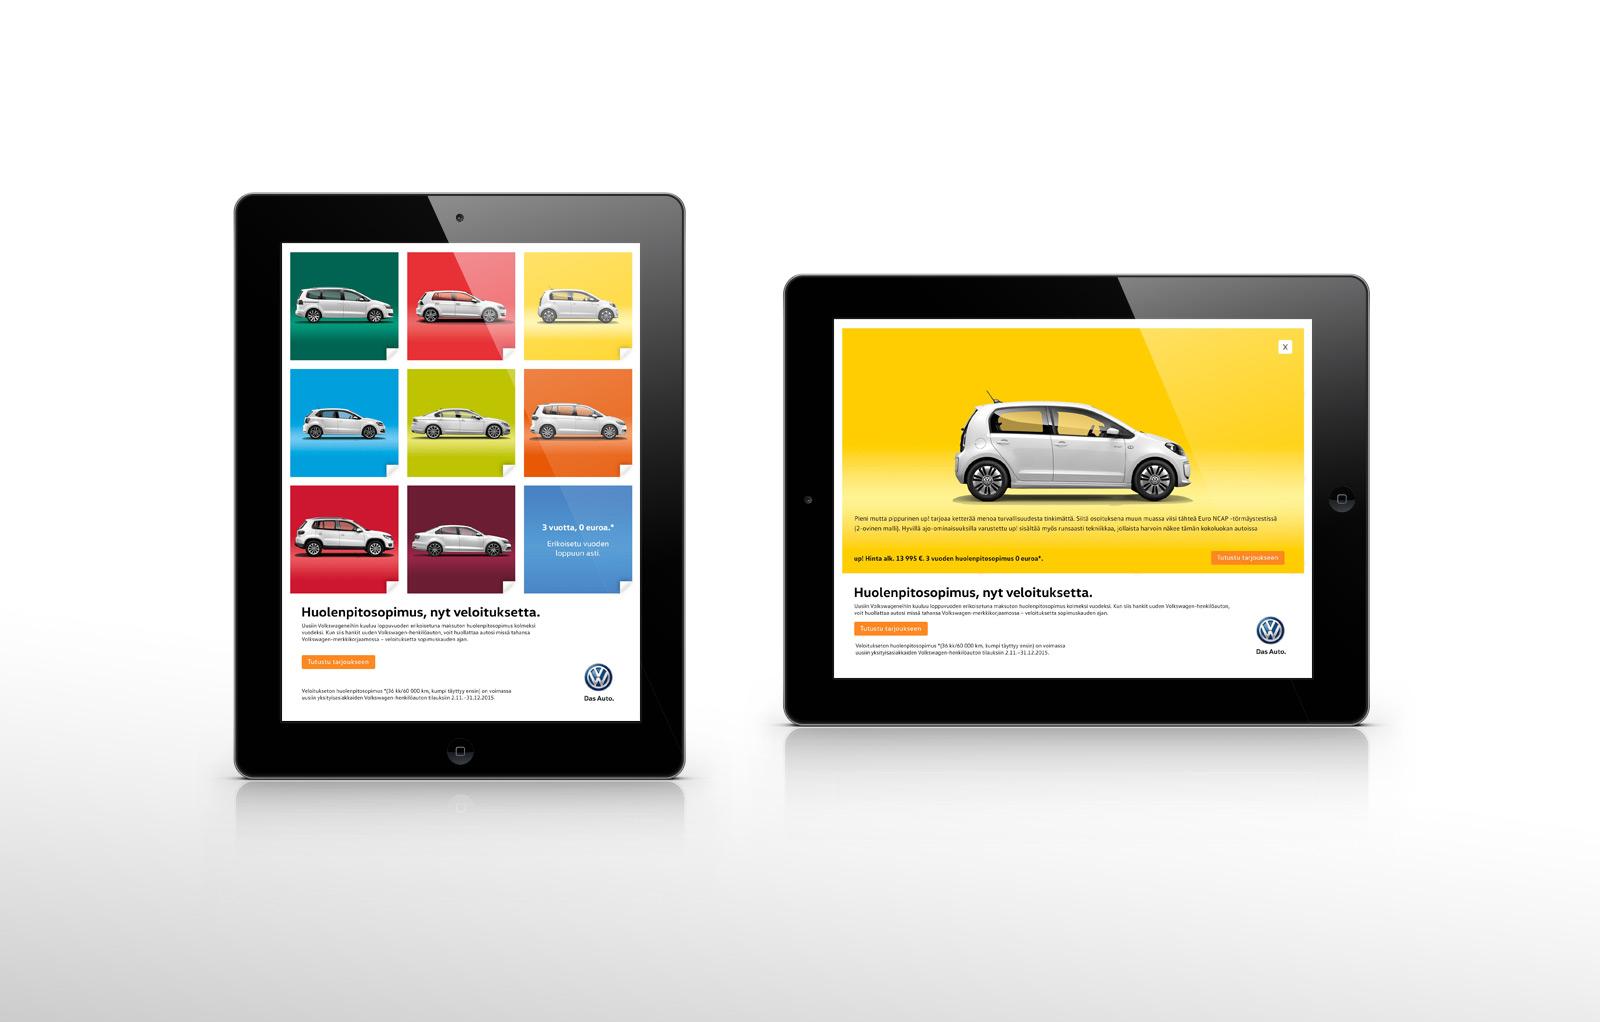 Volkswagen Huolenpitosopimus iPad